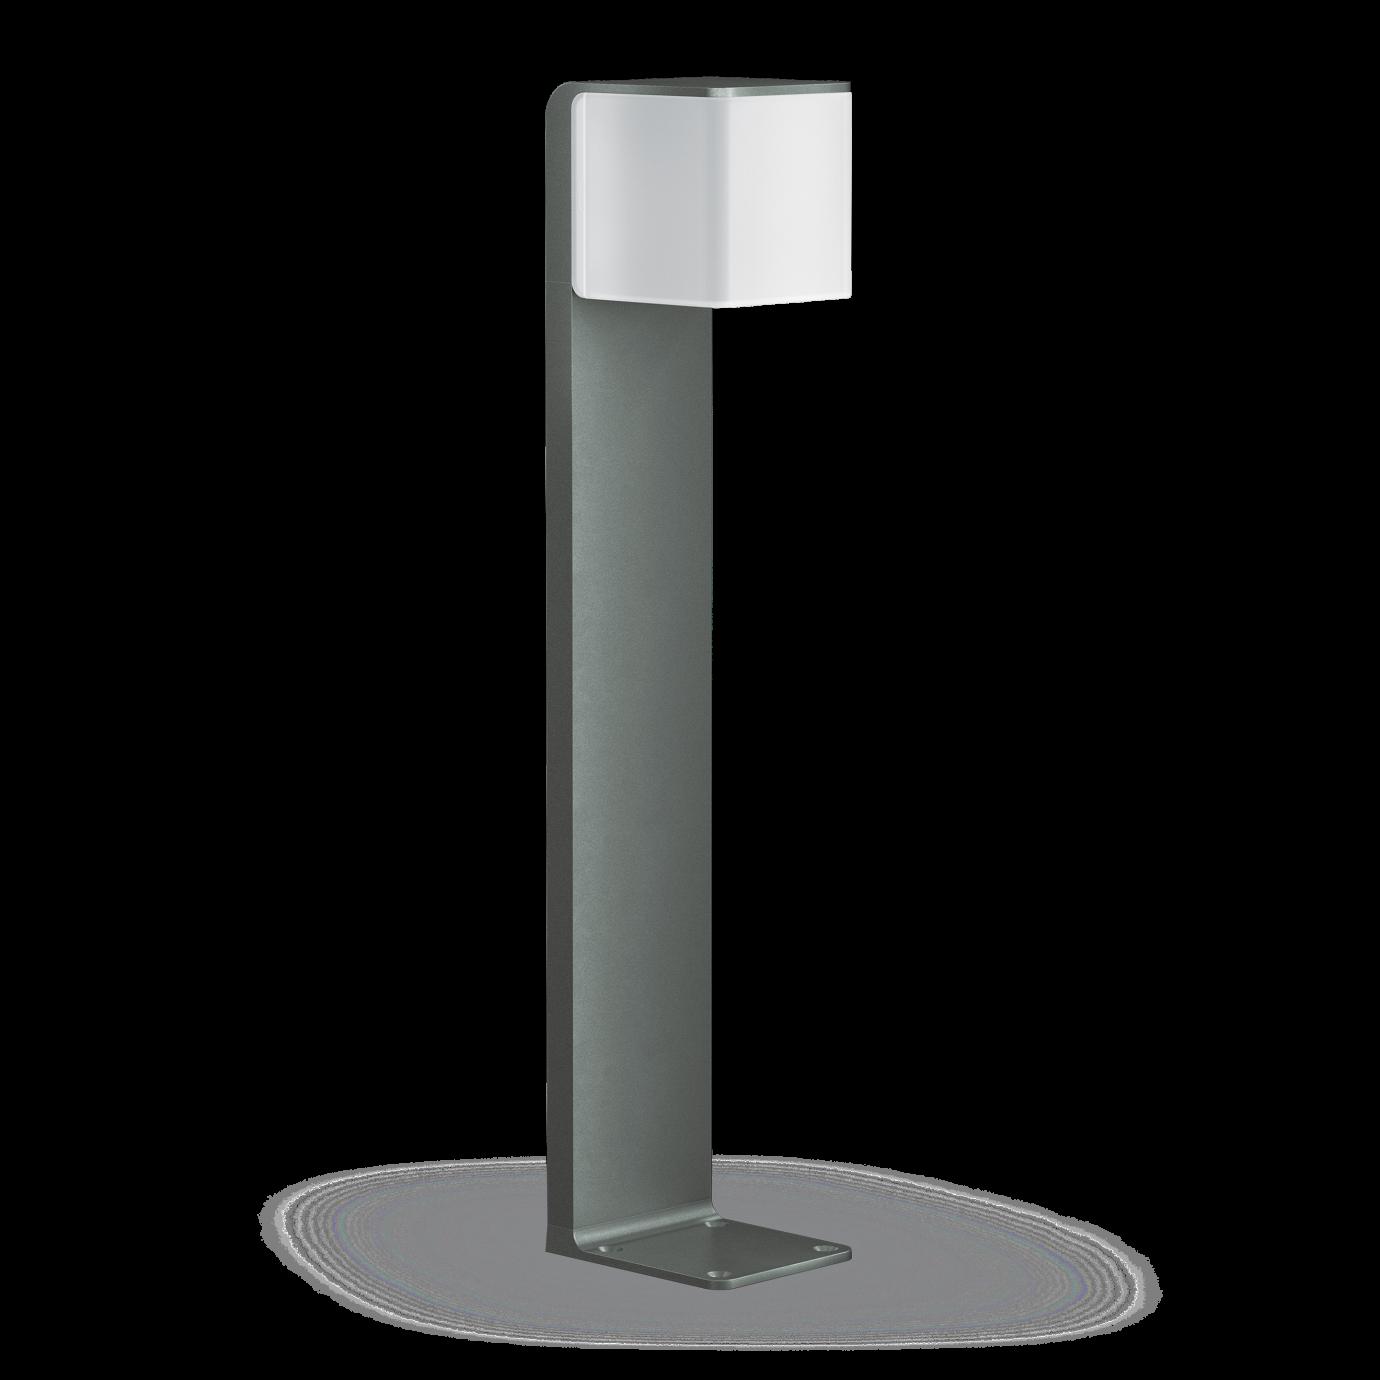 Steinel Gl80 Led Ihf 95w Lampa Ogrodowa Z Czujnikiem Ruchu